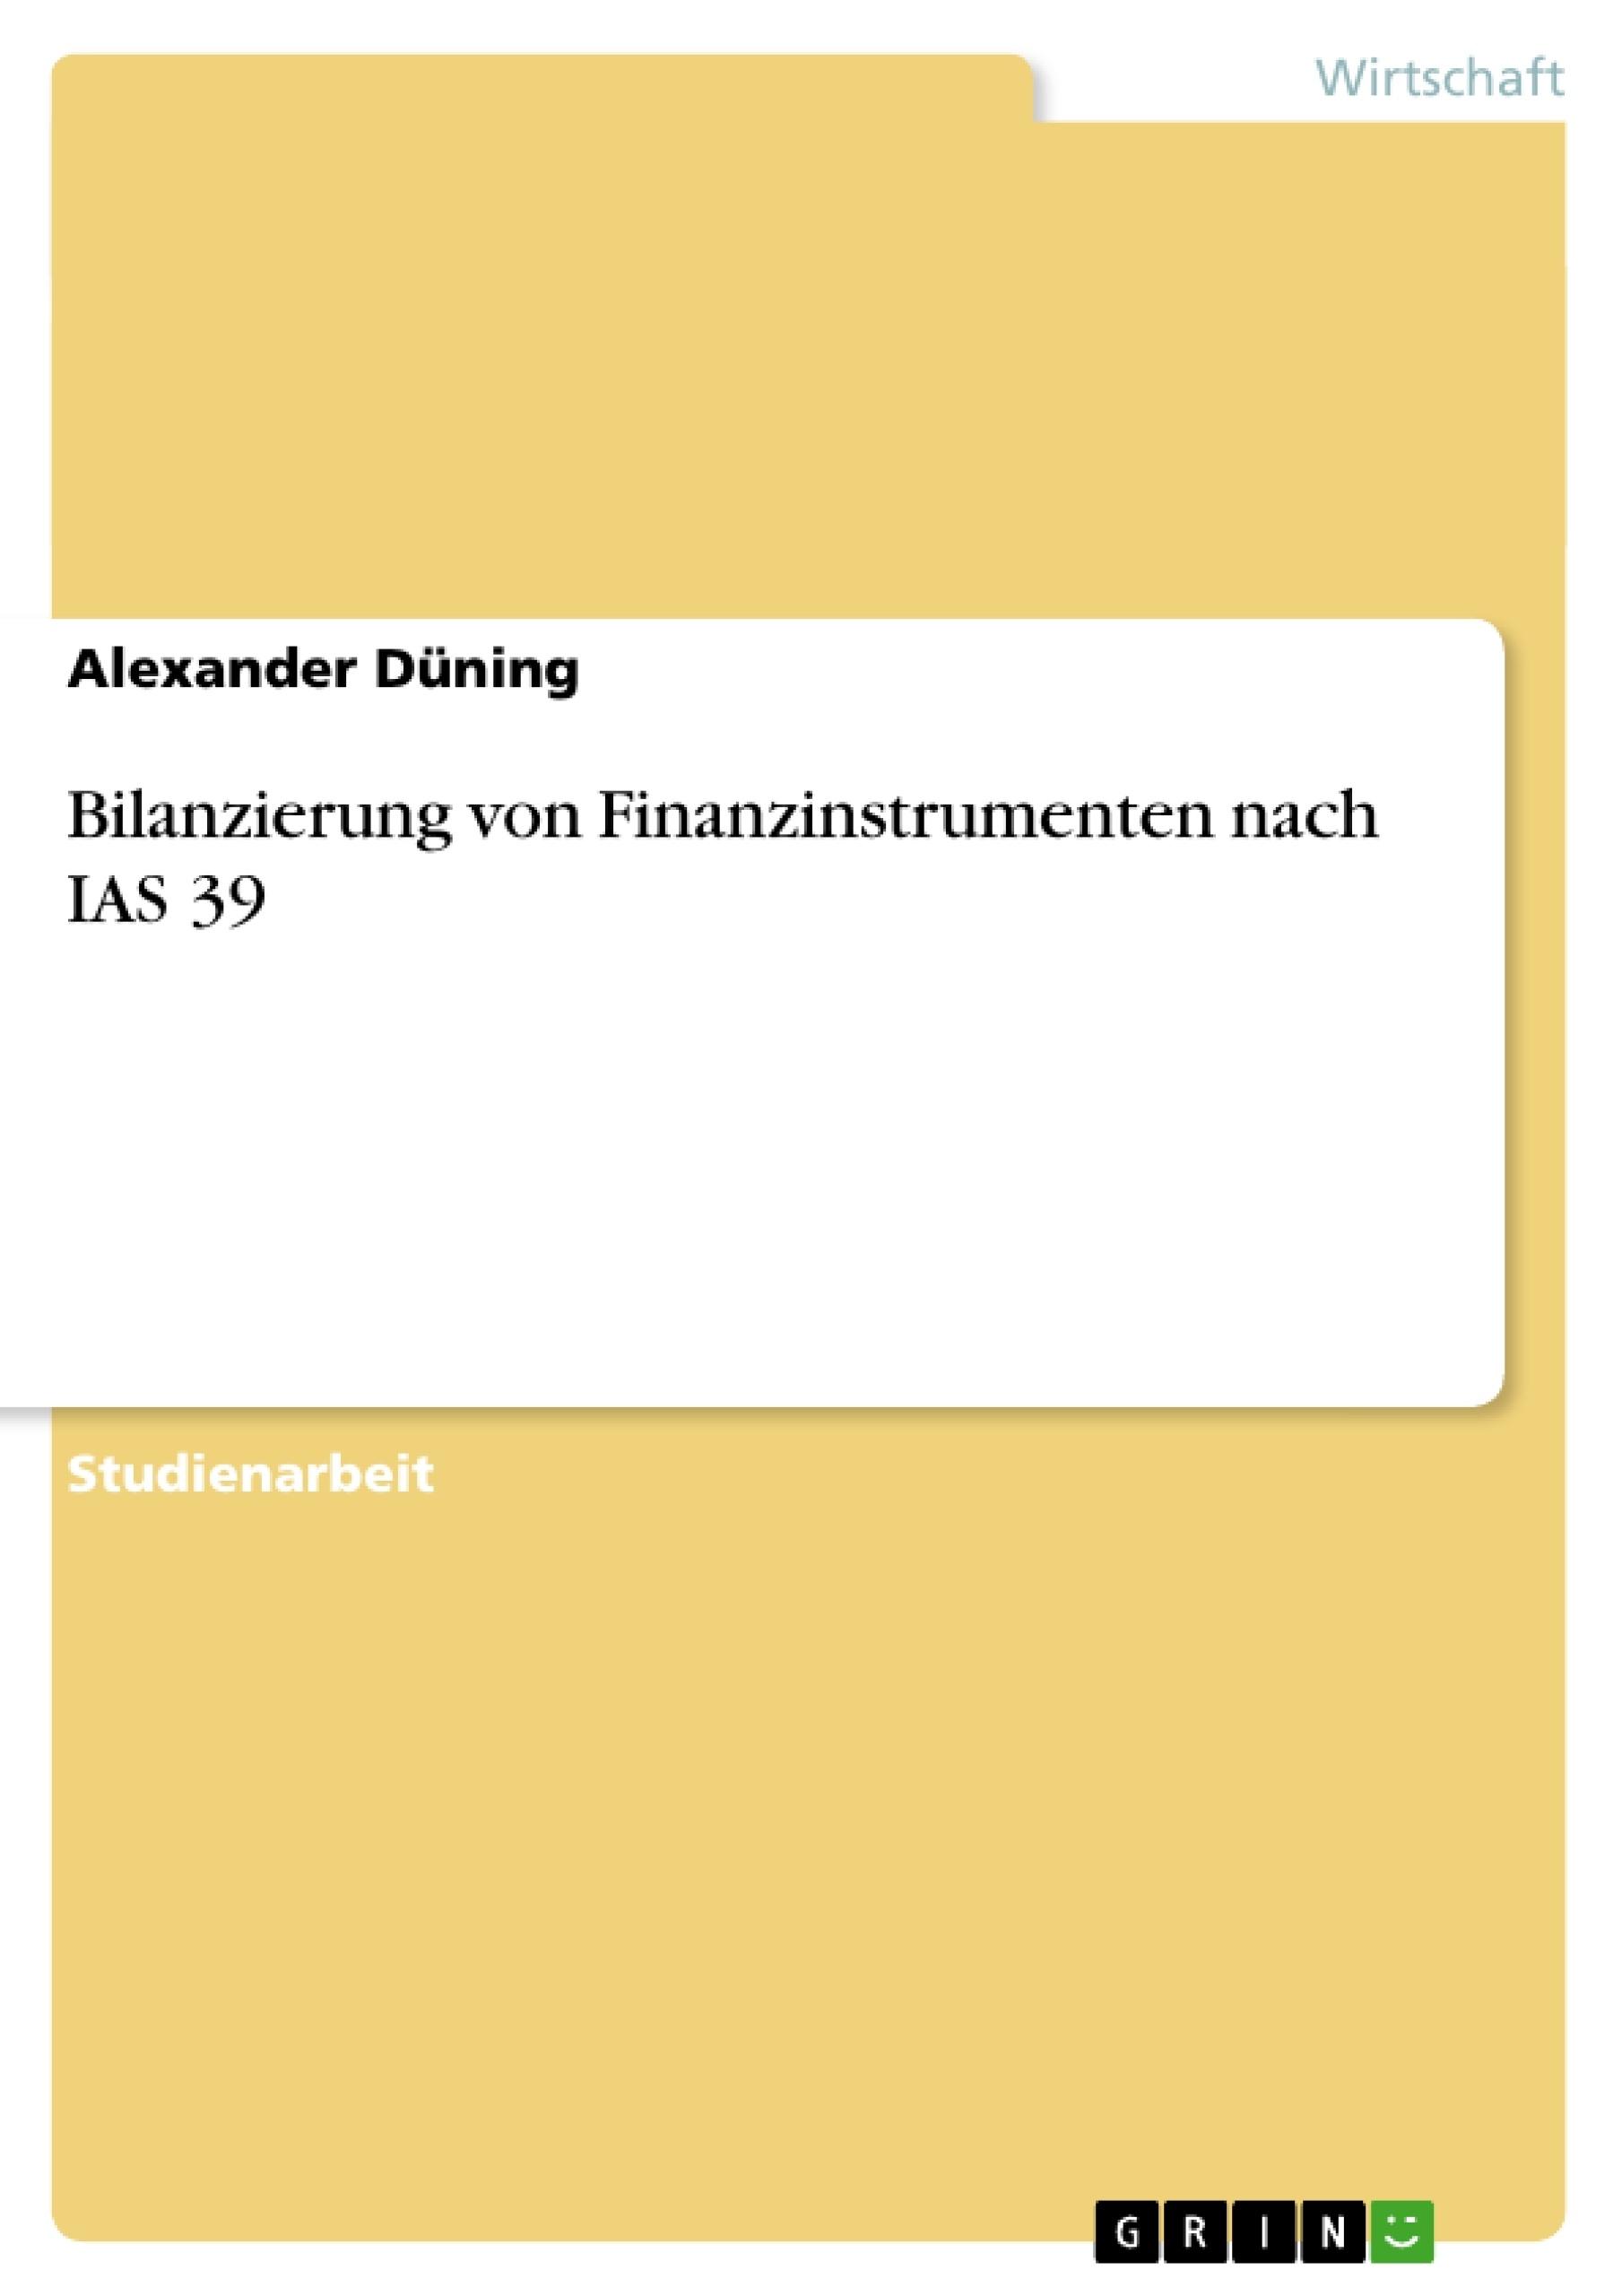 Titel: Bilanzierung von Finanzinstrumenten nach IAS 39